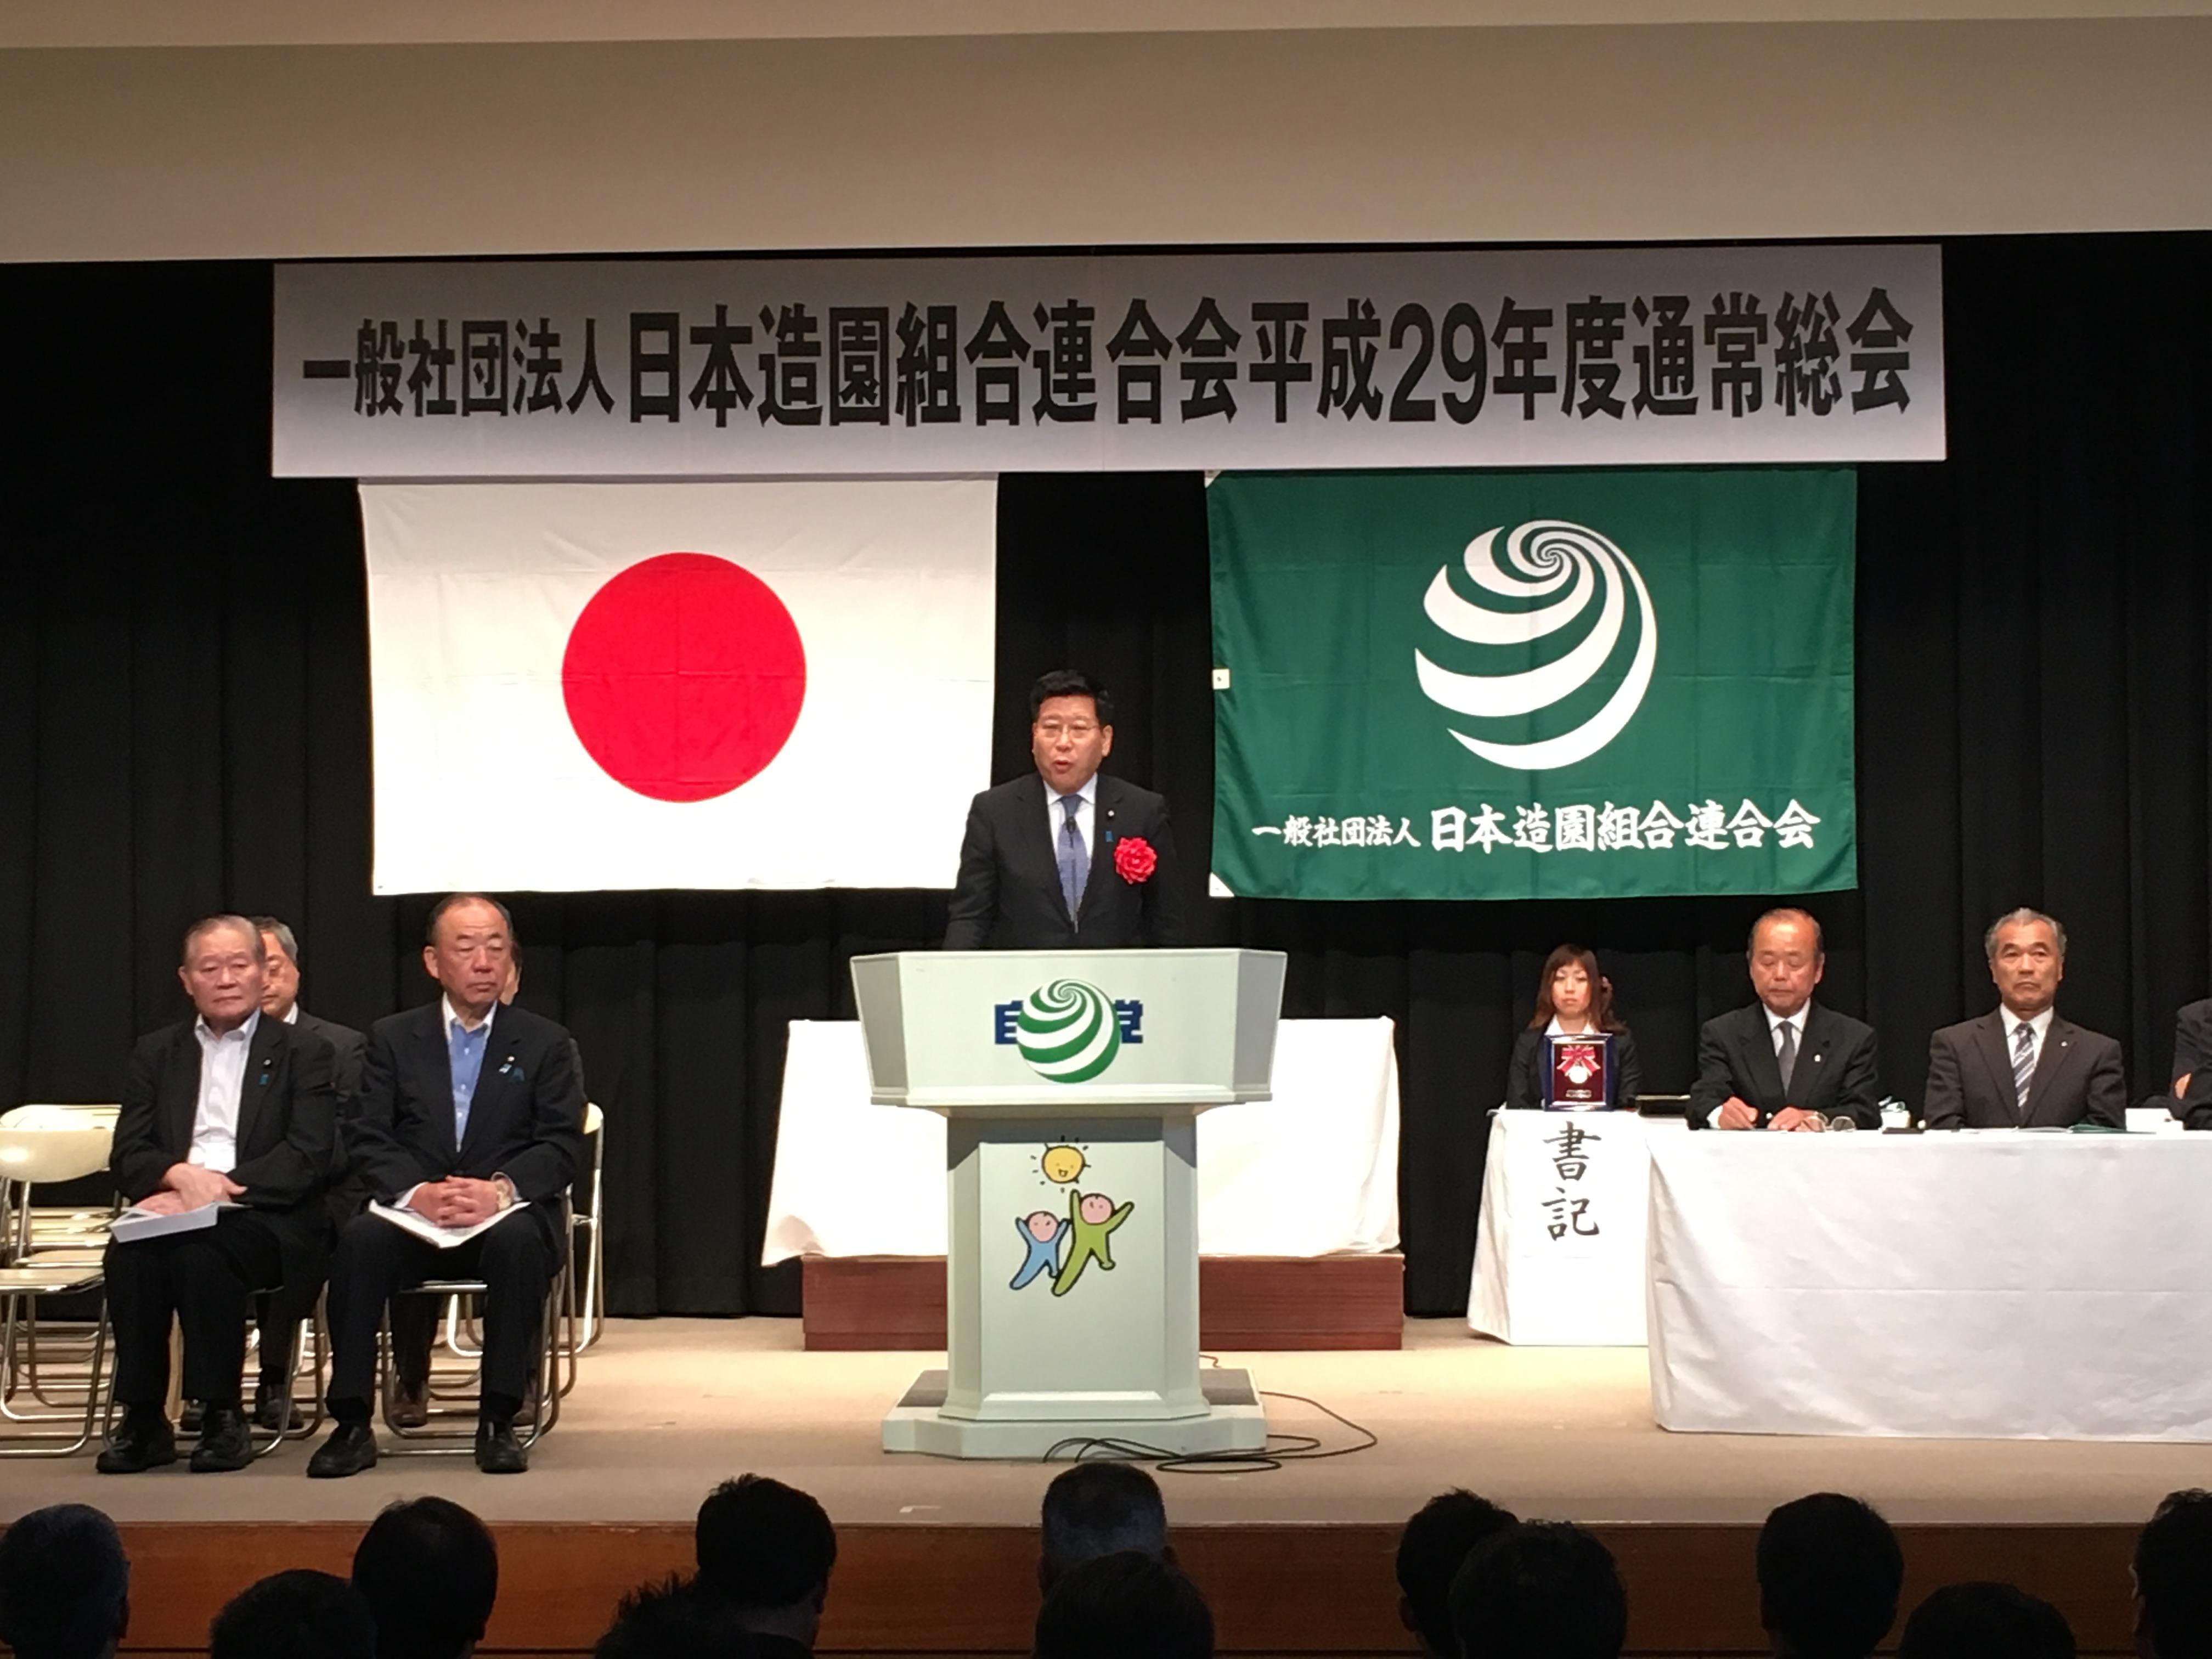 一般社団法人 日本造園組合連合会 平成29年度通常総会 | 参議院議員 え ...